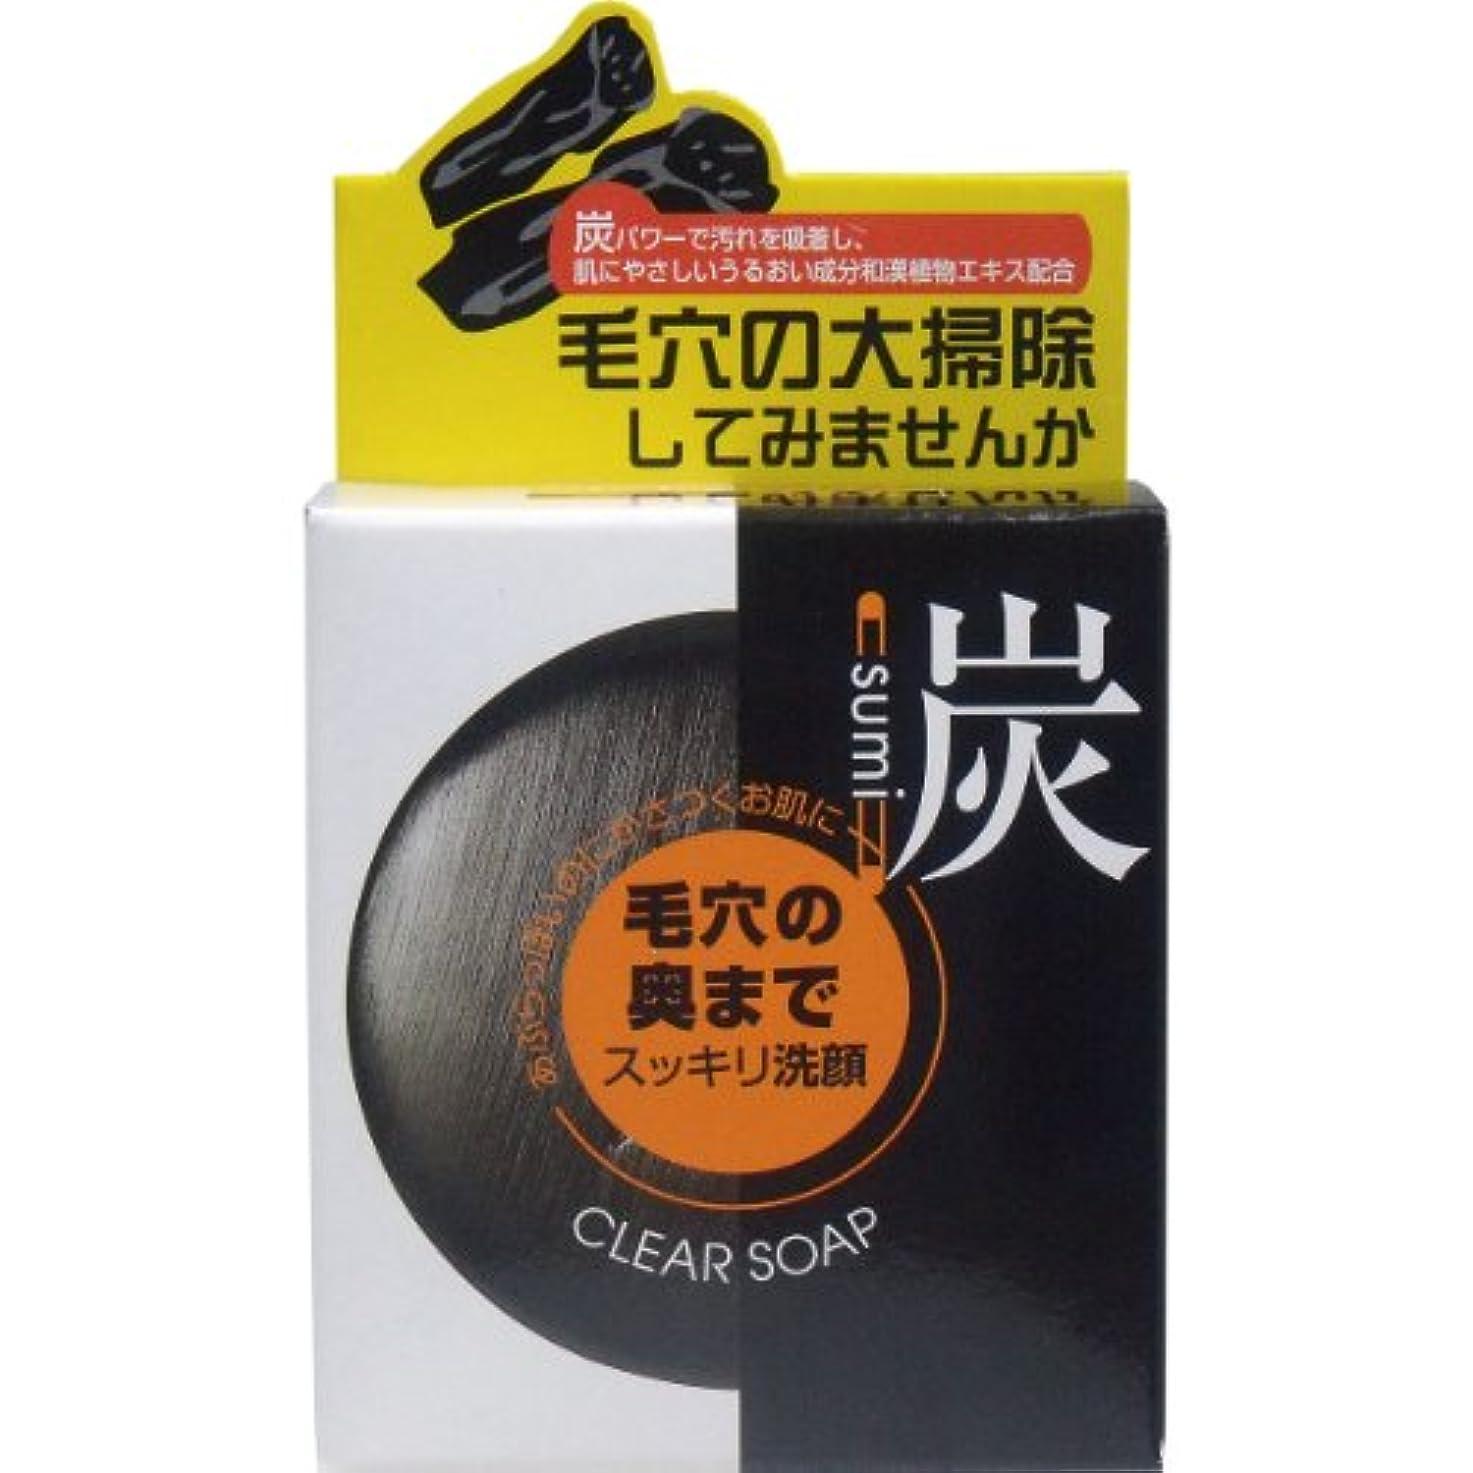 【まとめ買い】ユゼ 炭透明石けん ×2セット